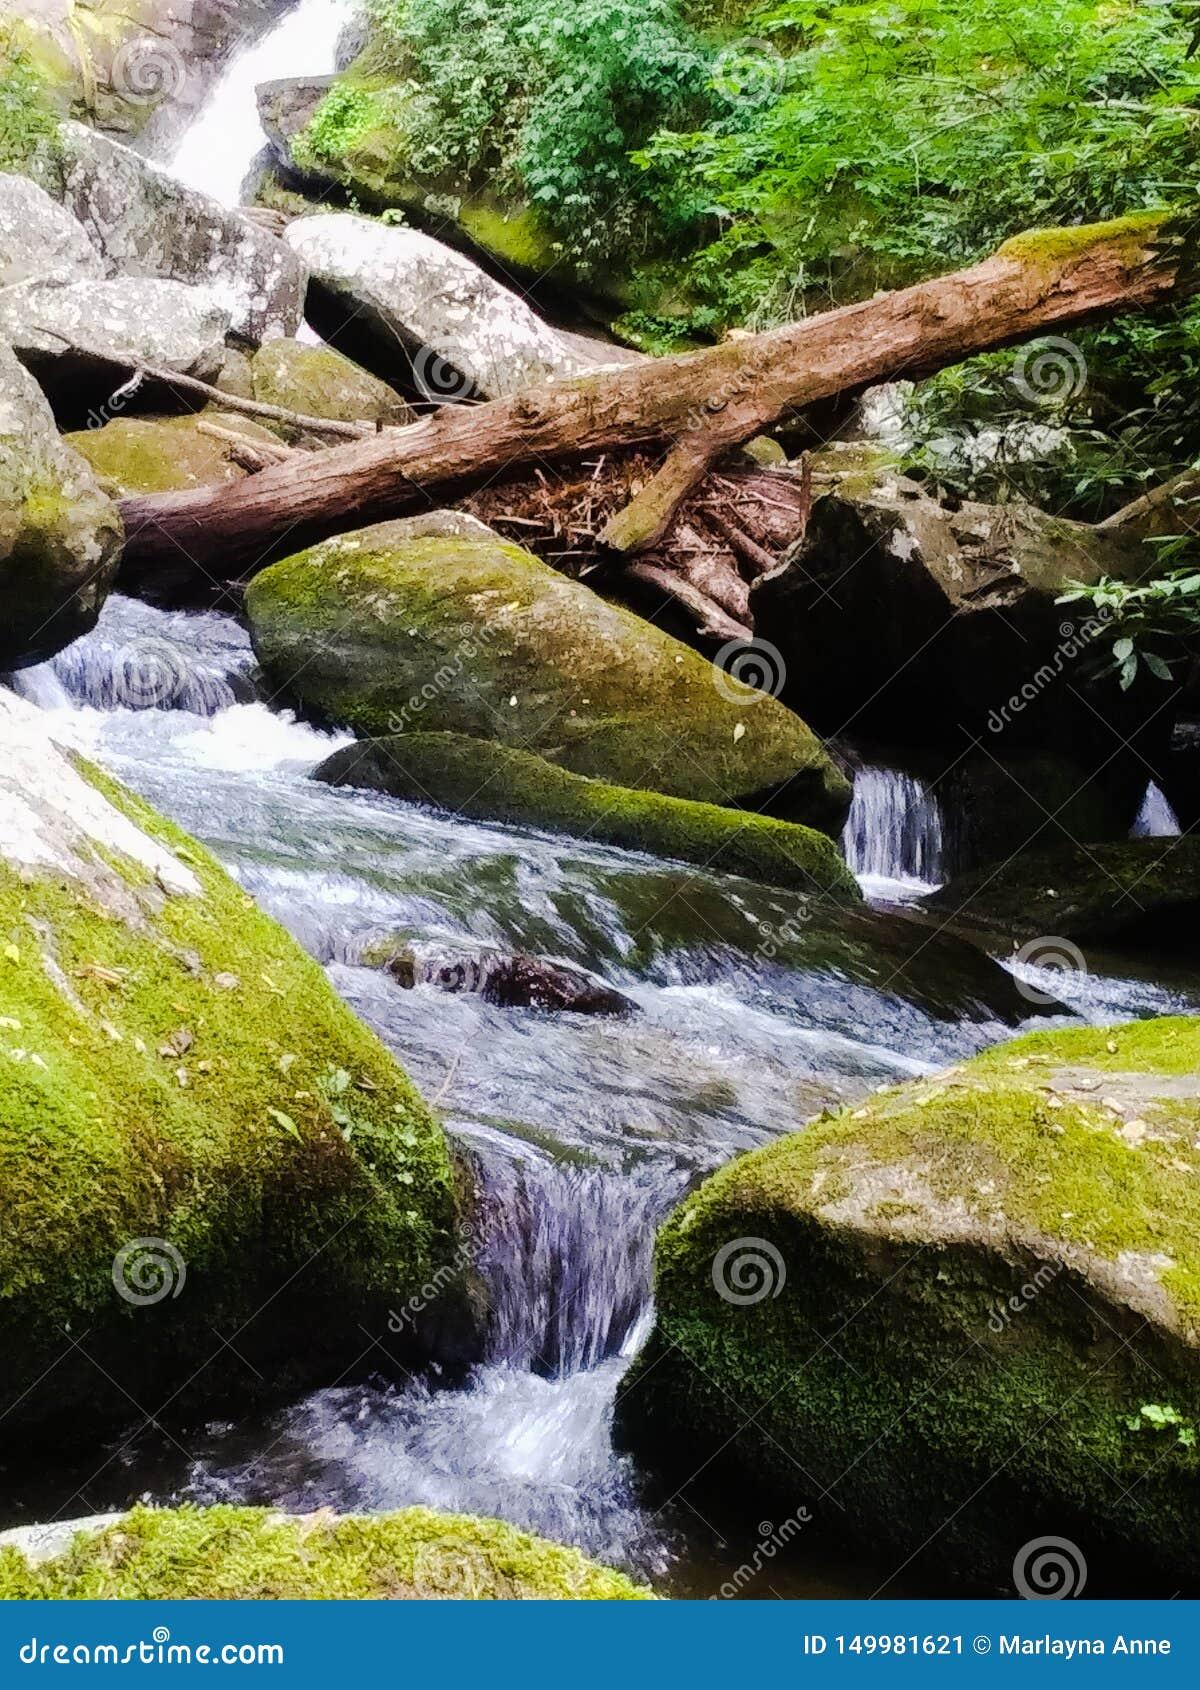 Cascades